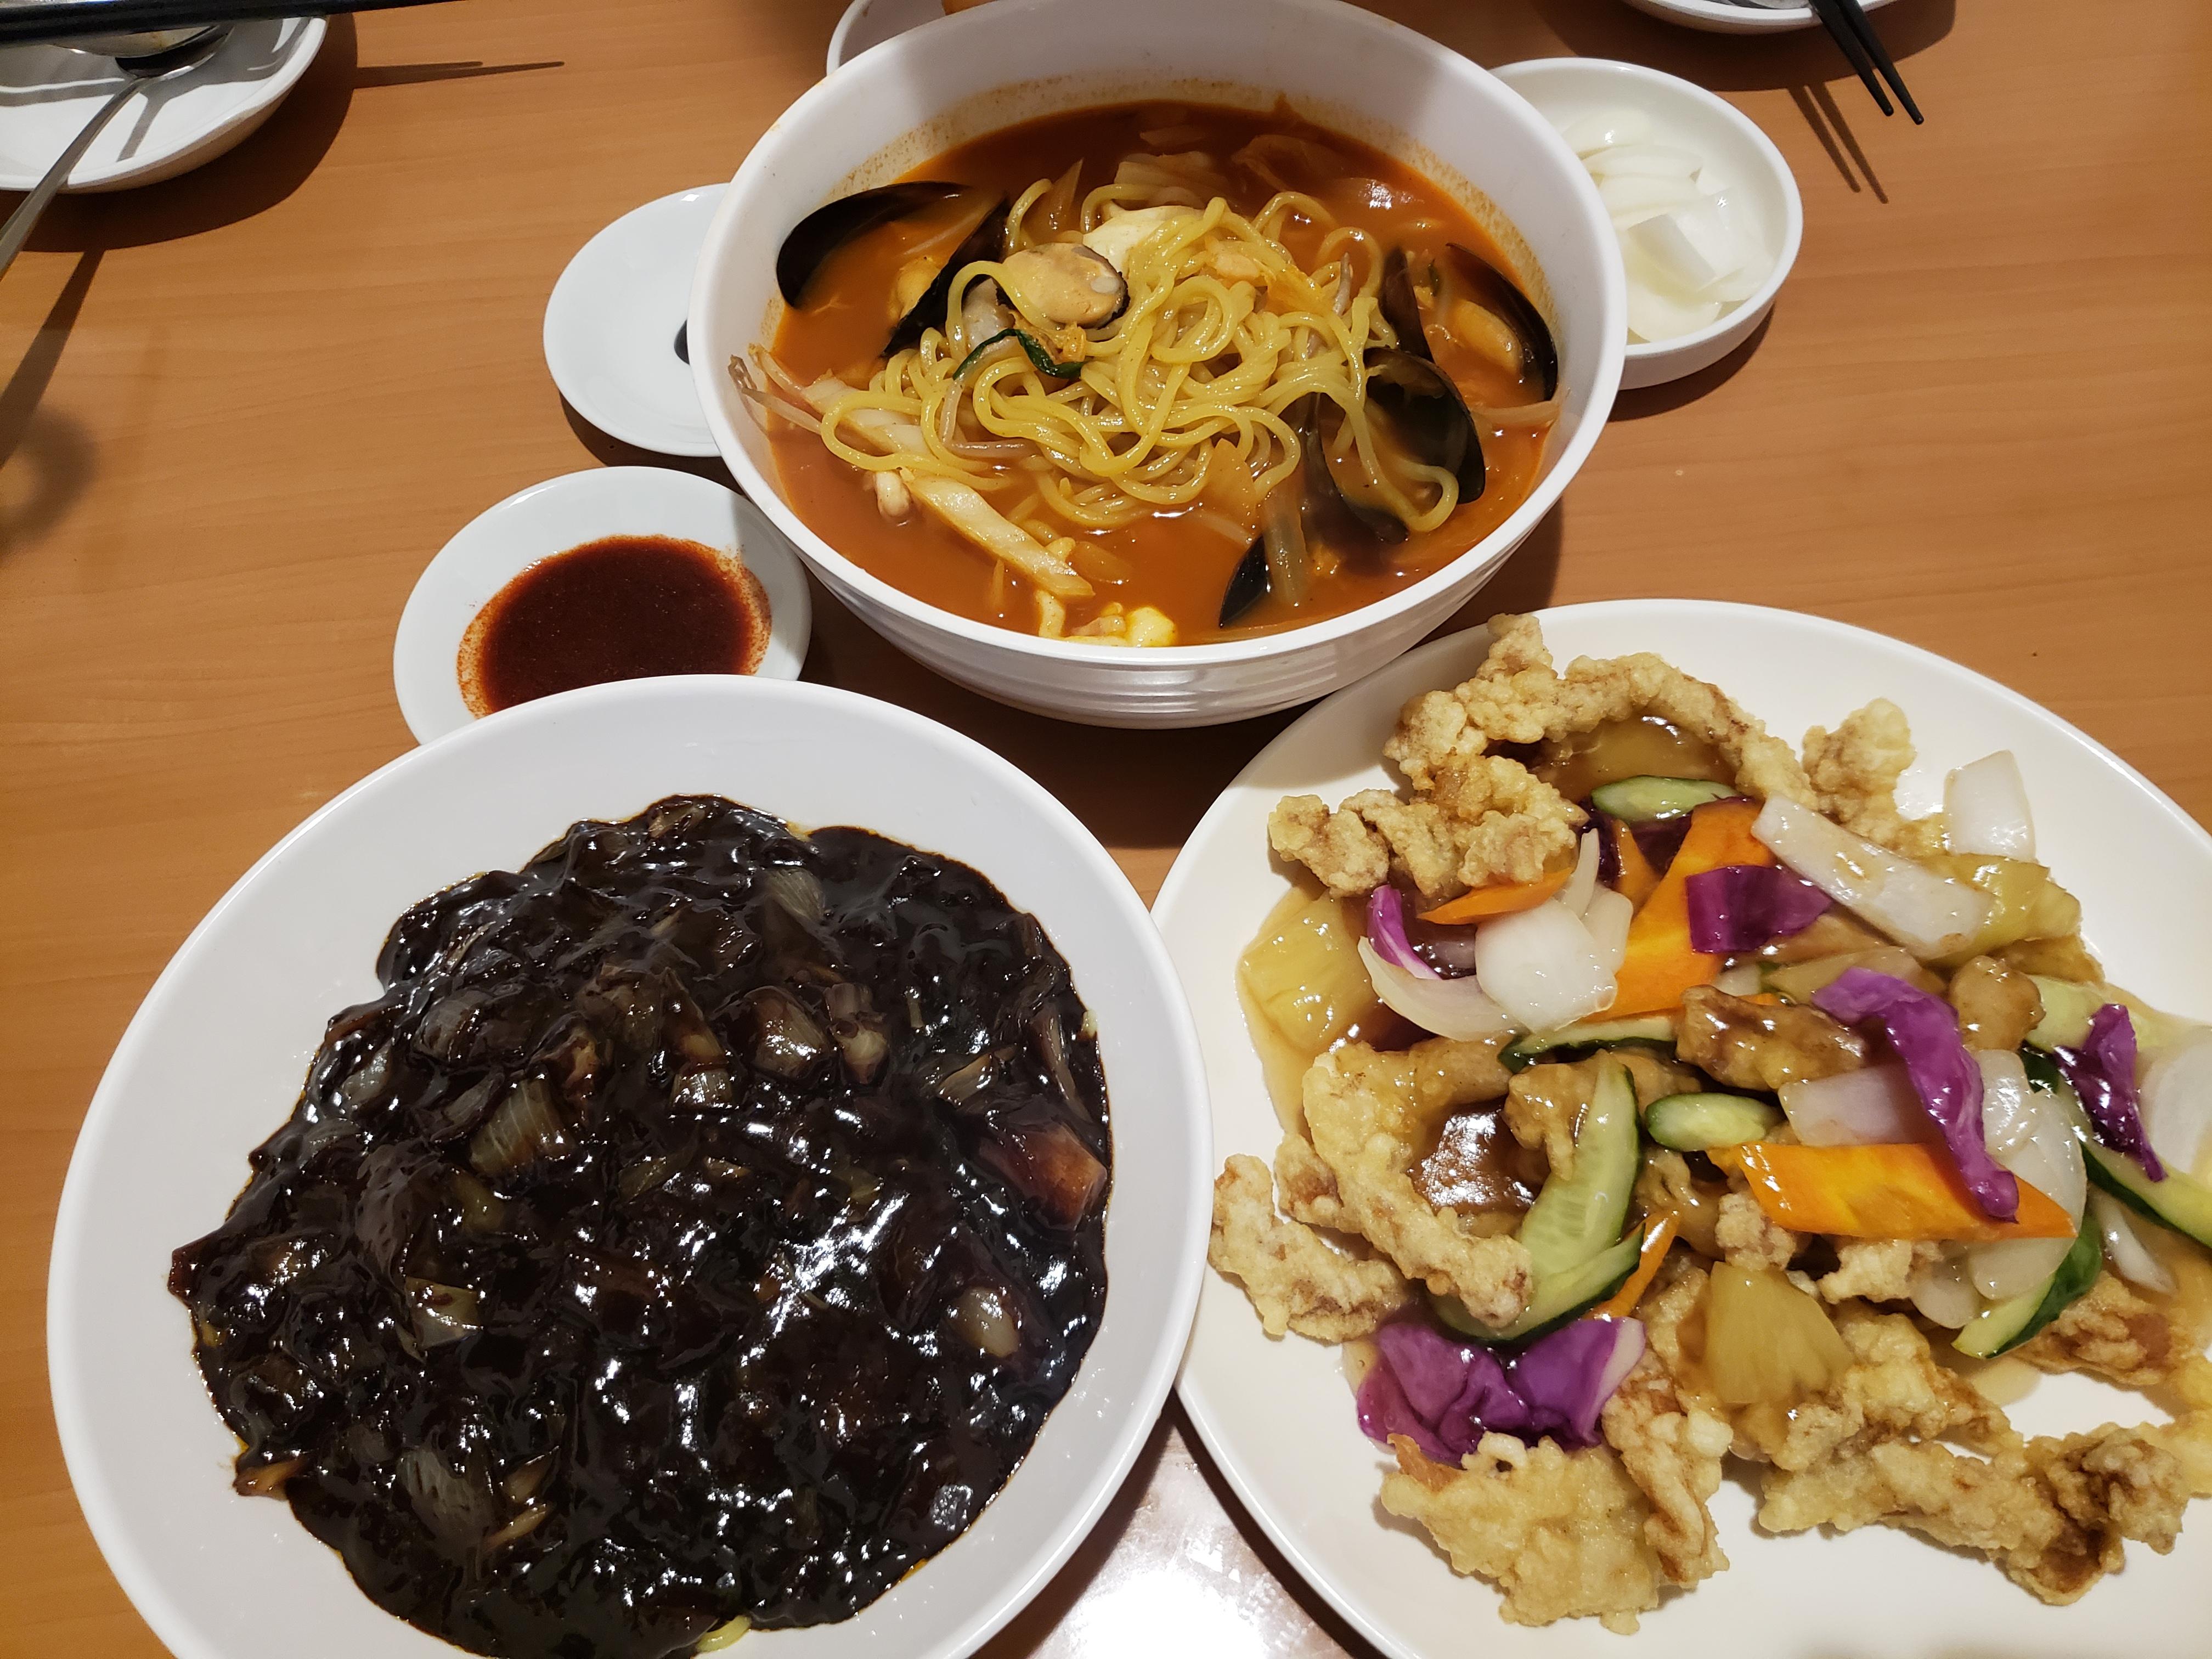 韓国の国民食「ジャージャー麺」